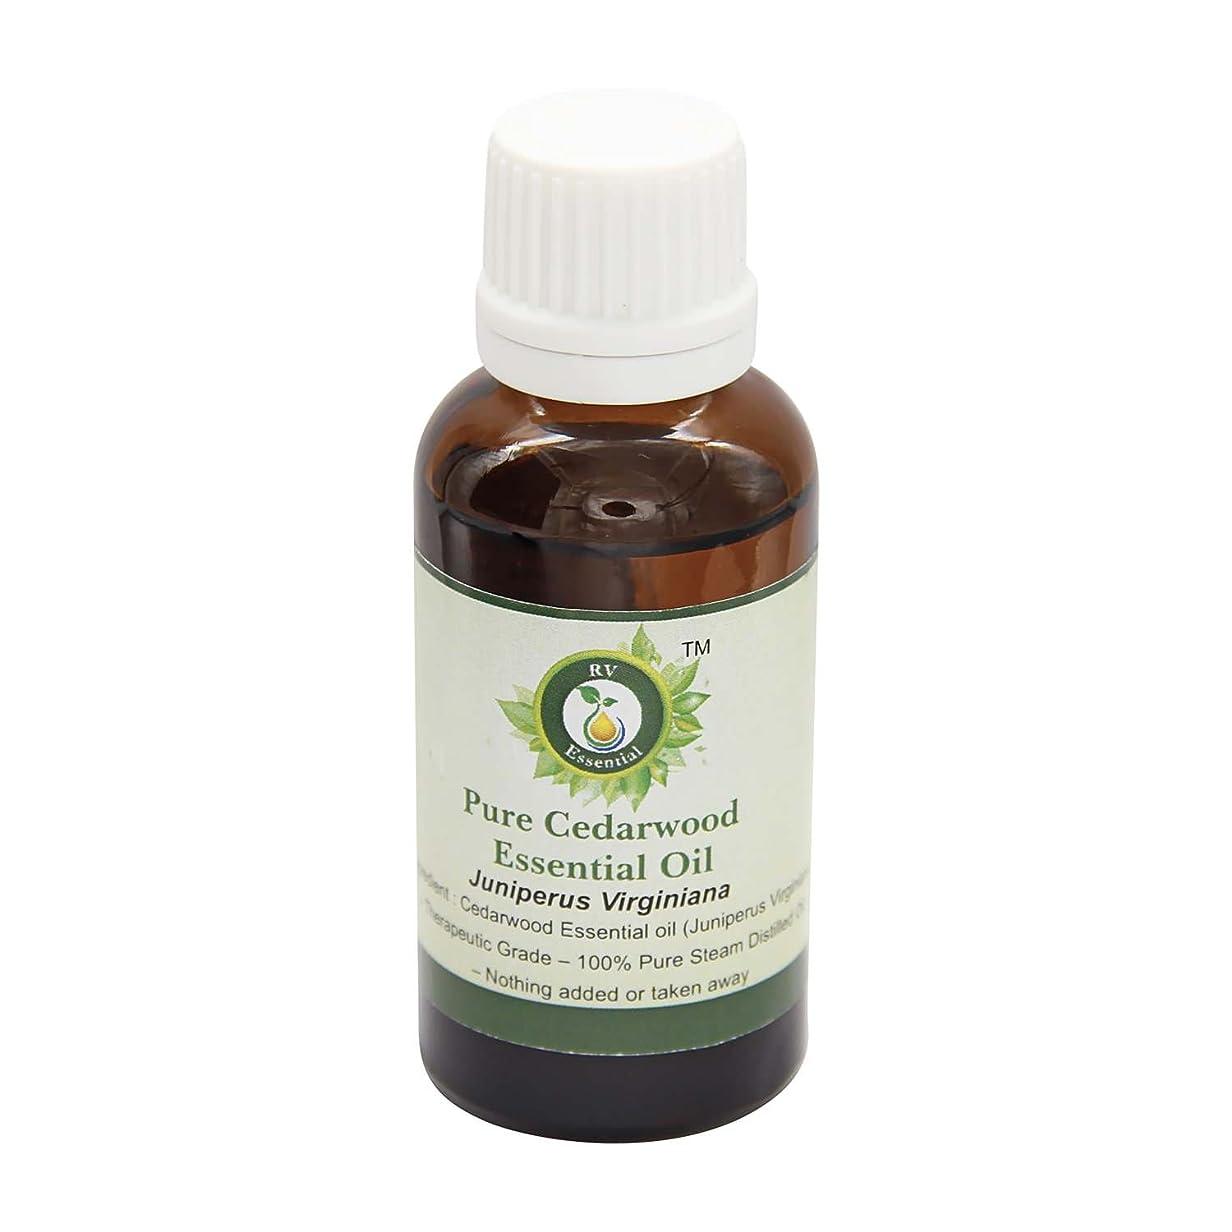 採用完璧な呼吸するR V Essential 純粋なシダーウッドエッセンシャルオイル50ml (1.69oz)- Juniperus Virginiana (100%純粋&天然スチームDistilled) Pure Cedarwood Essential Oil